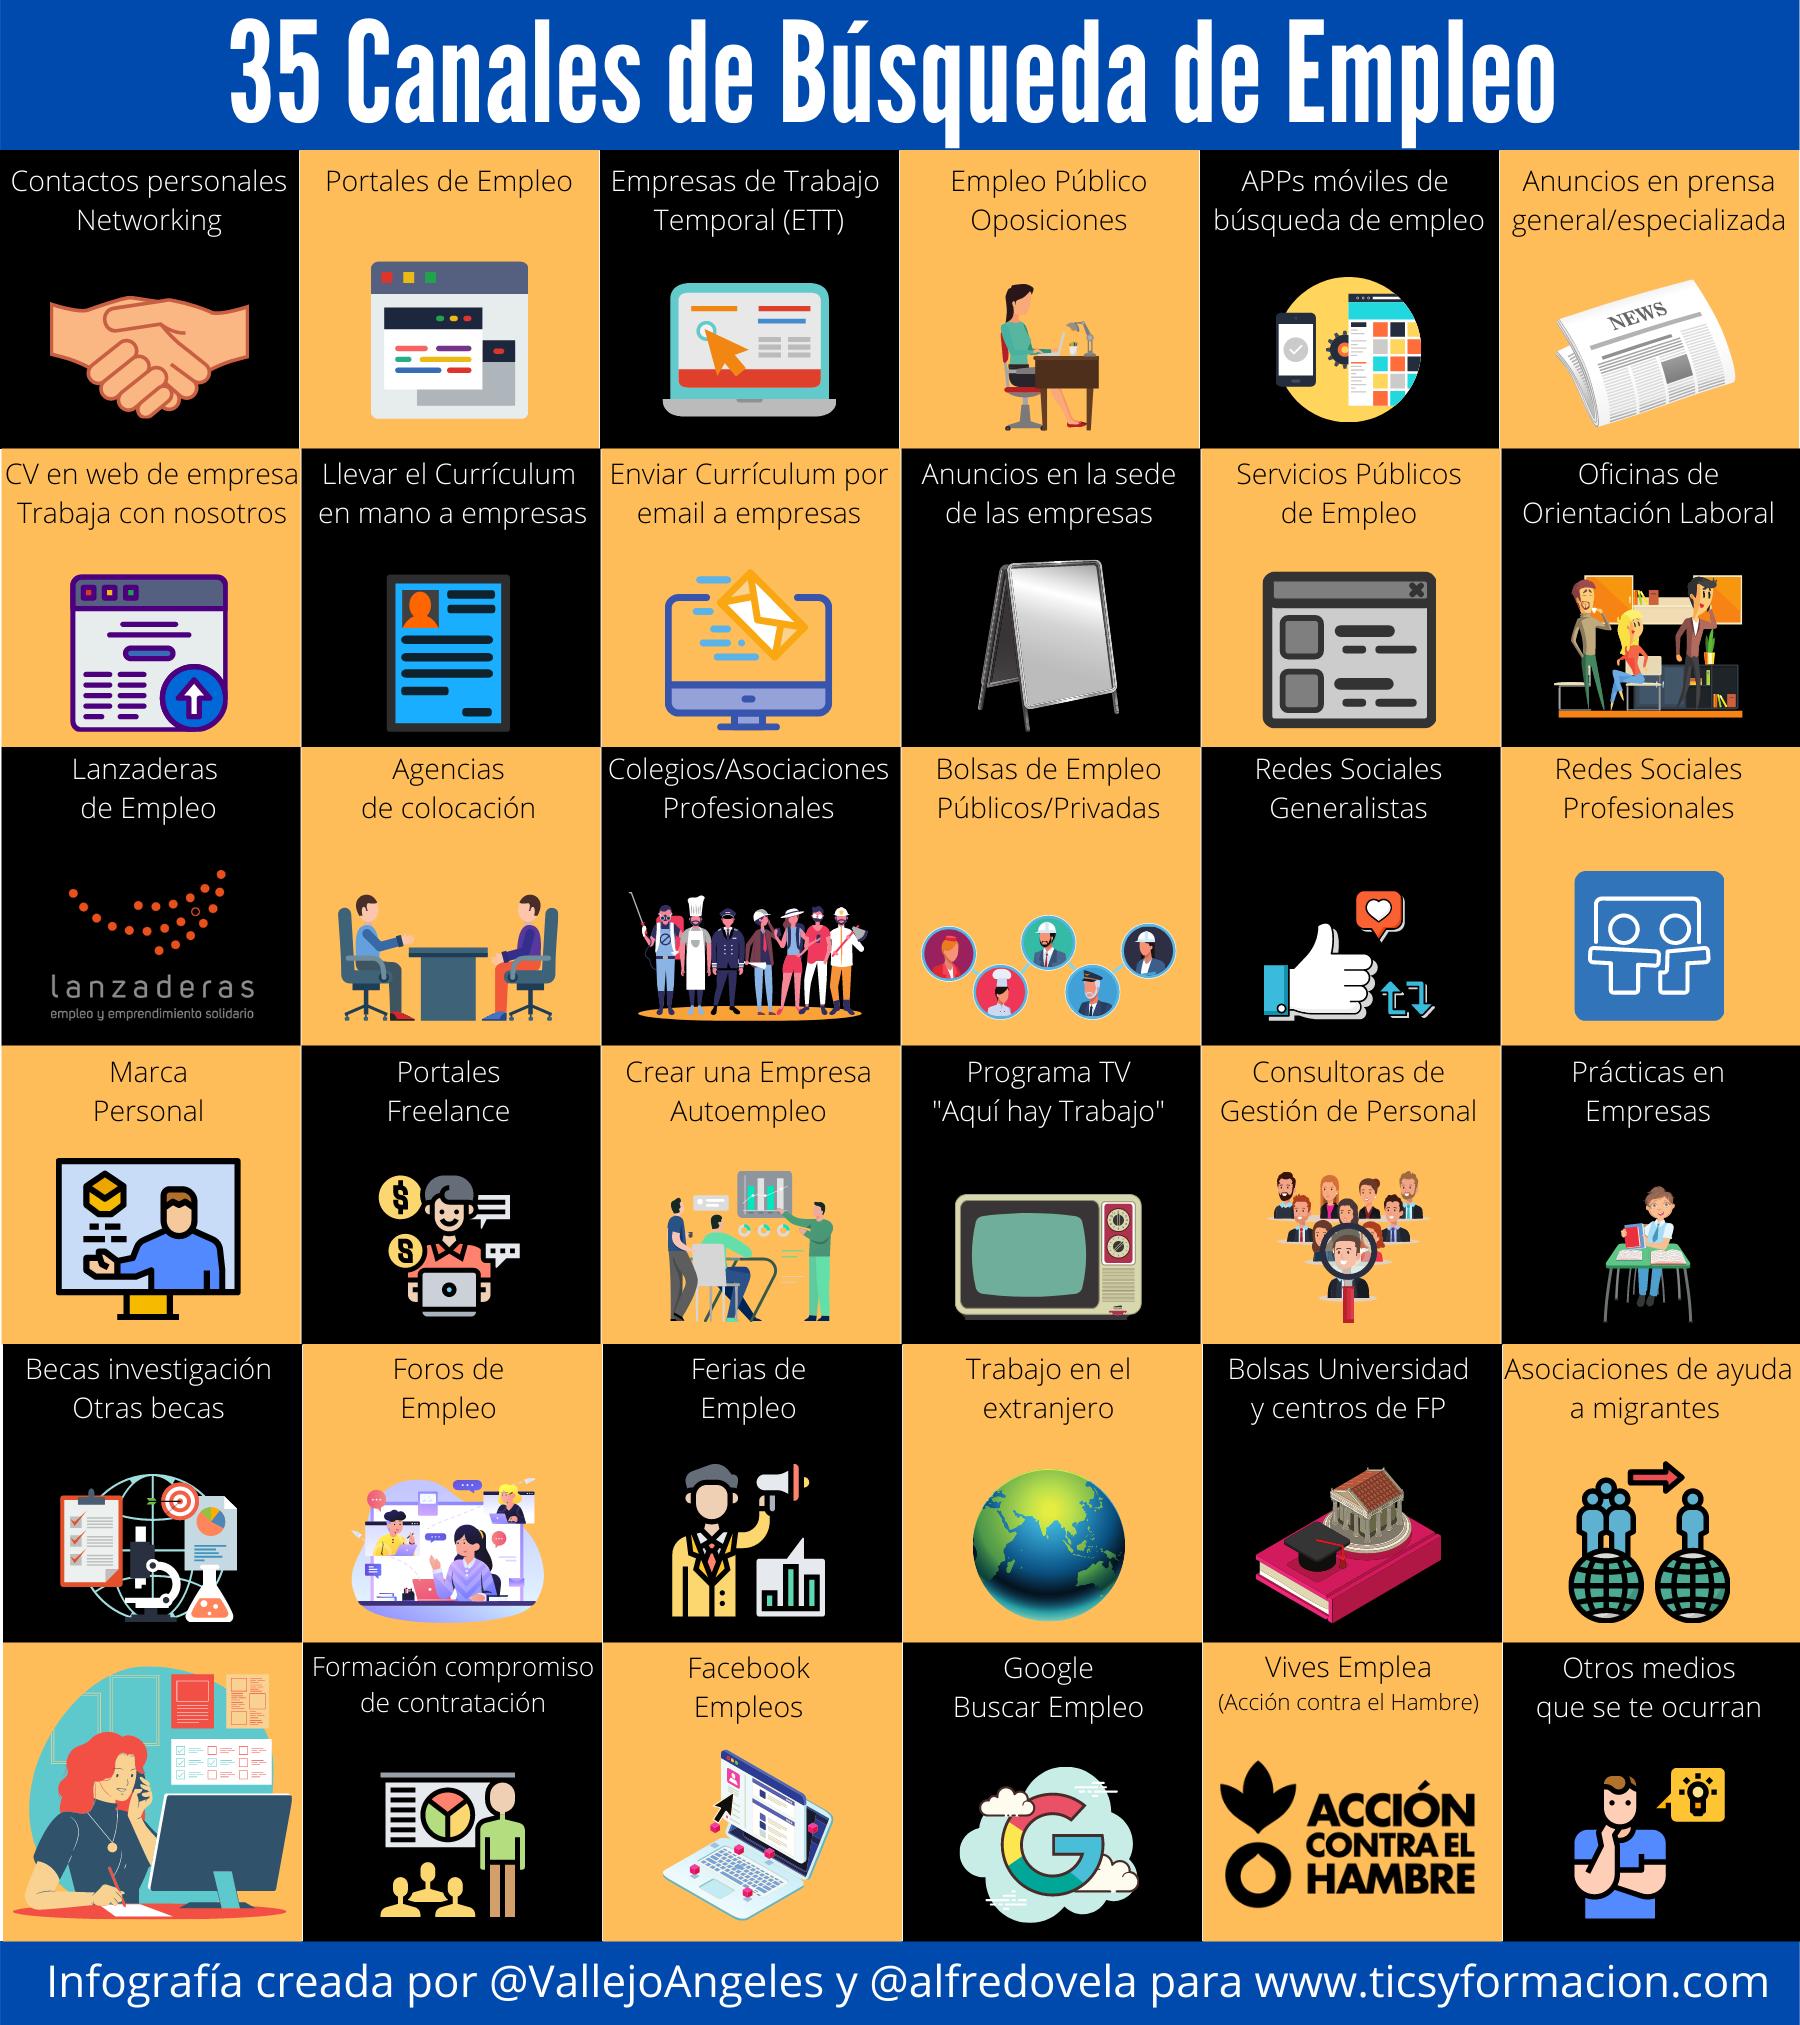 35 canales para la búsqueda de empleo #infografia #FOL #RRHH #OrientaciónLaboral